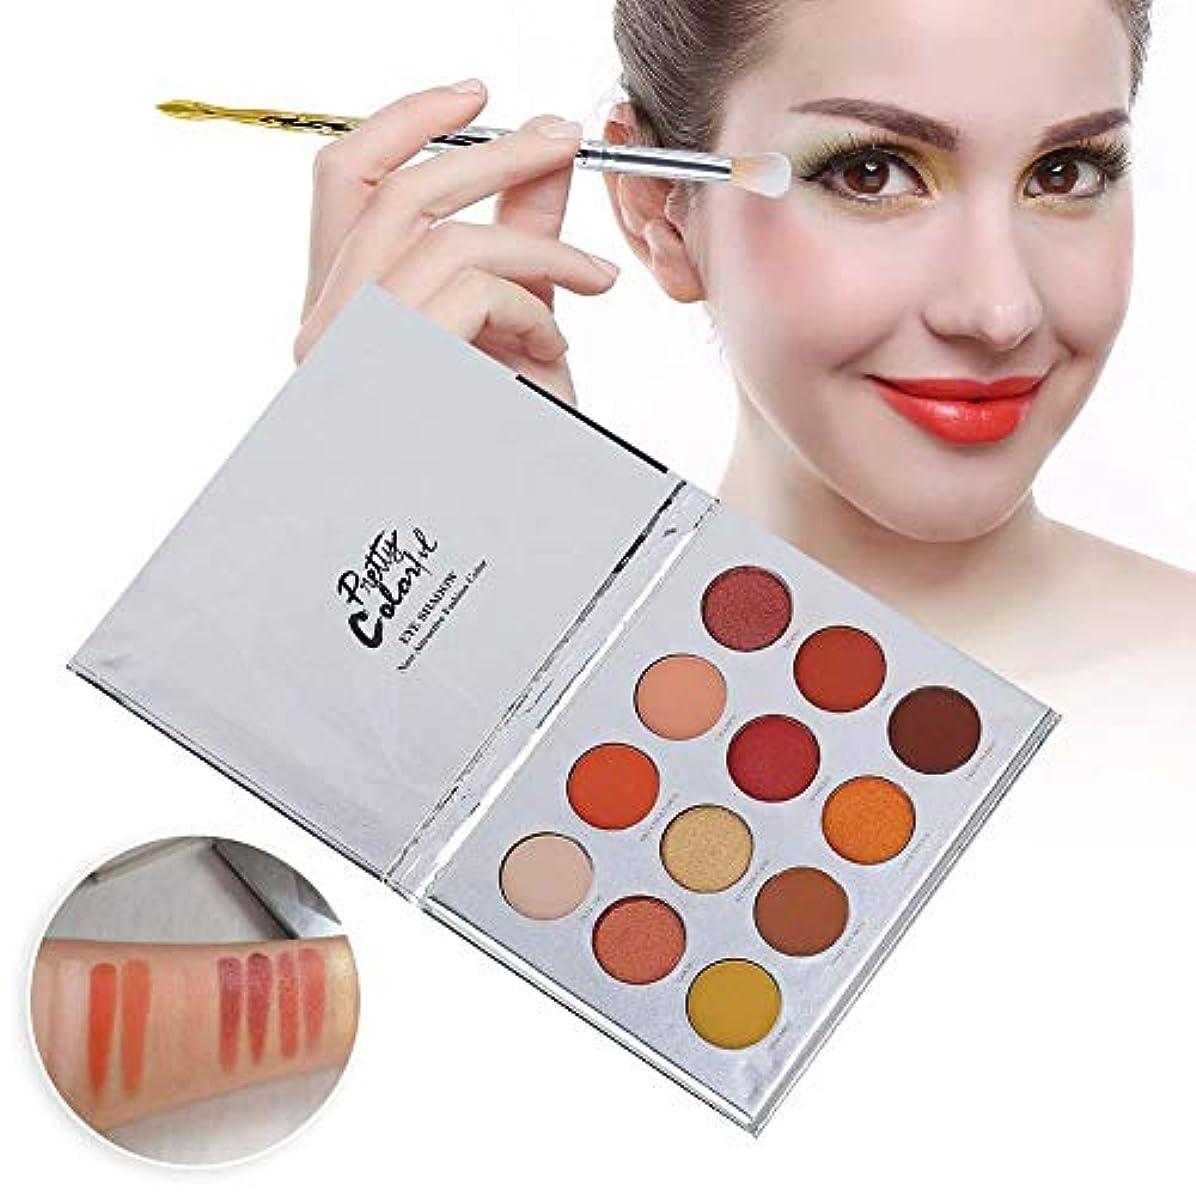 ブローホール頭ロビーアイシャドウパレット 12色 化粧マット 化粧品ツール グロス アイシャドウパウダー